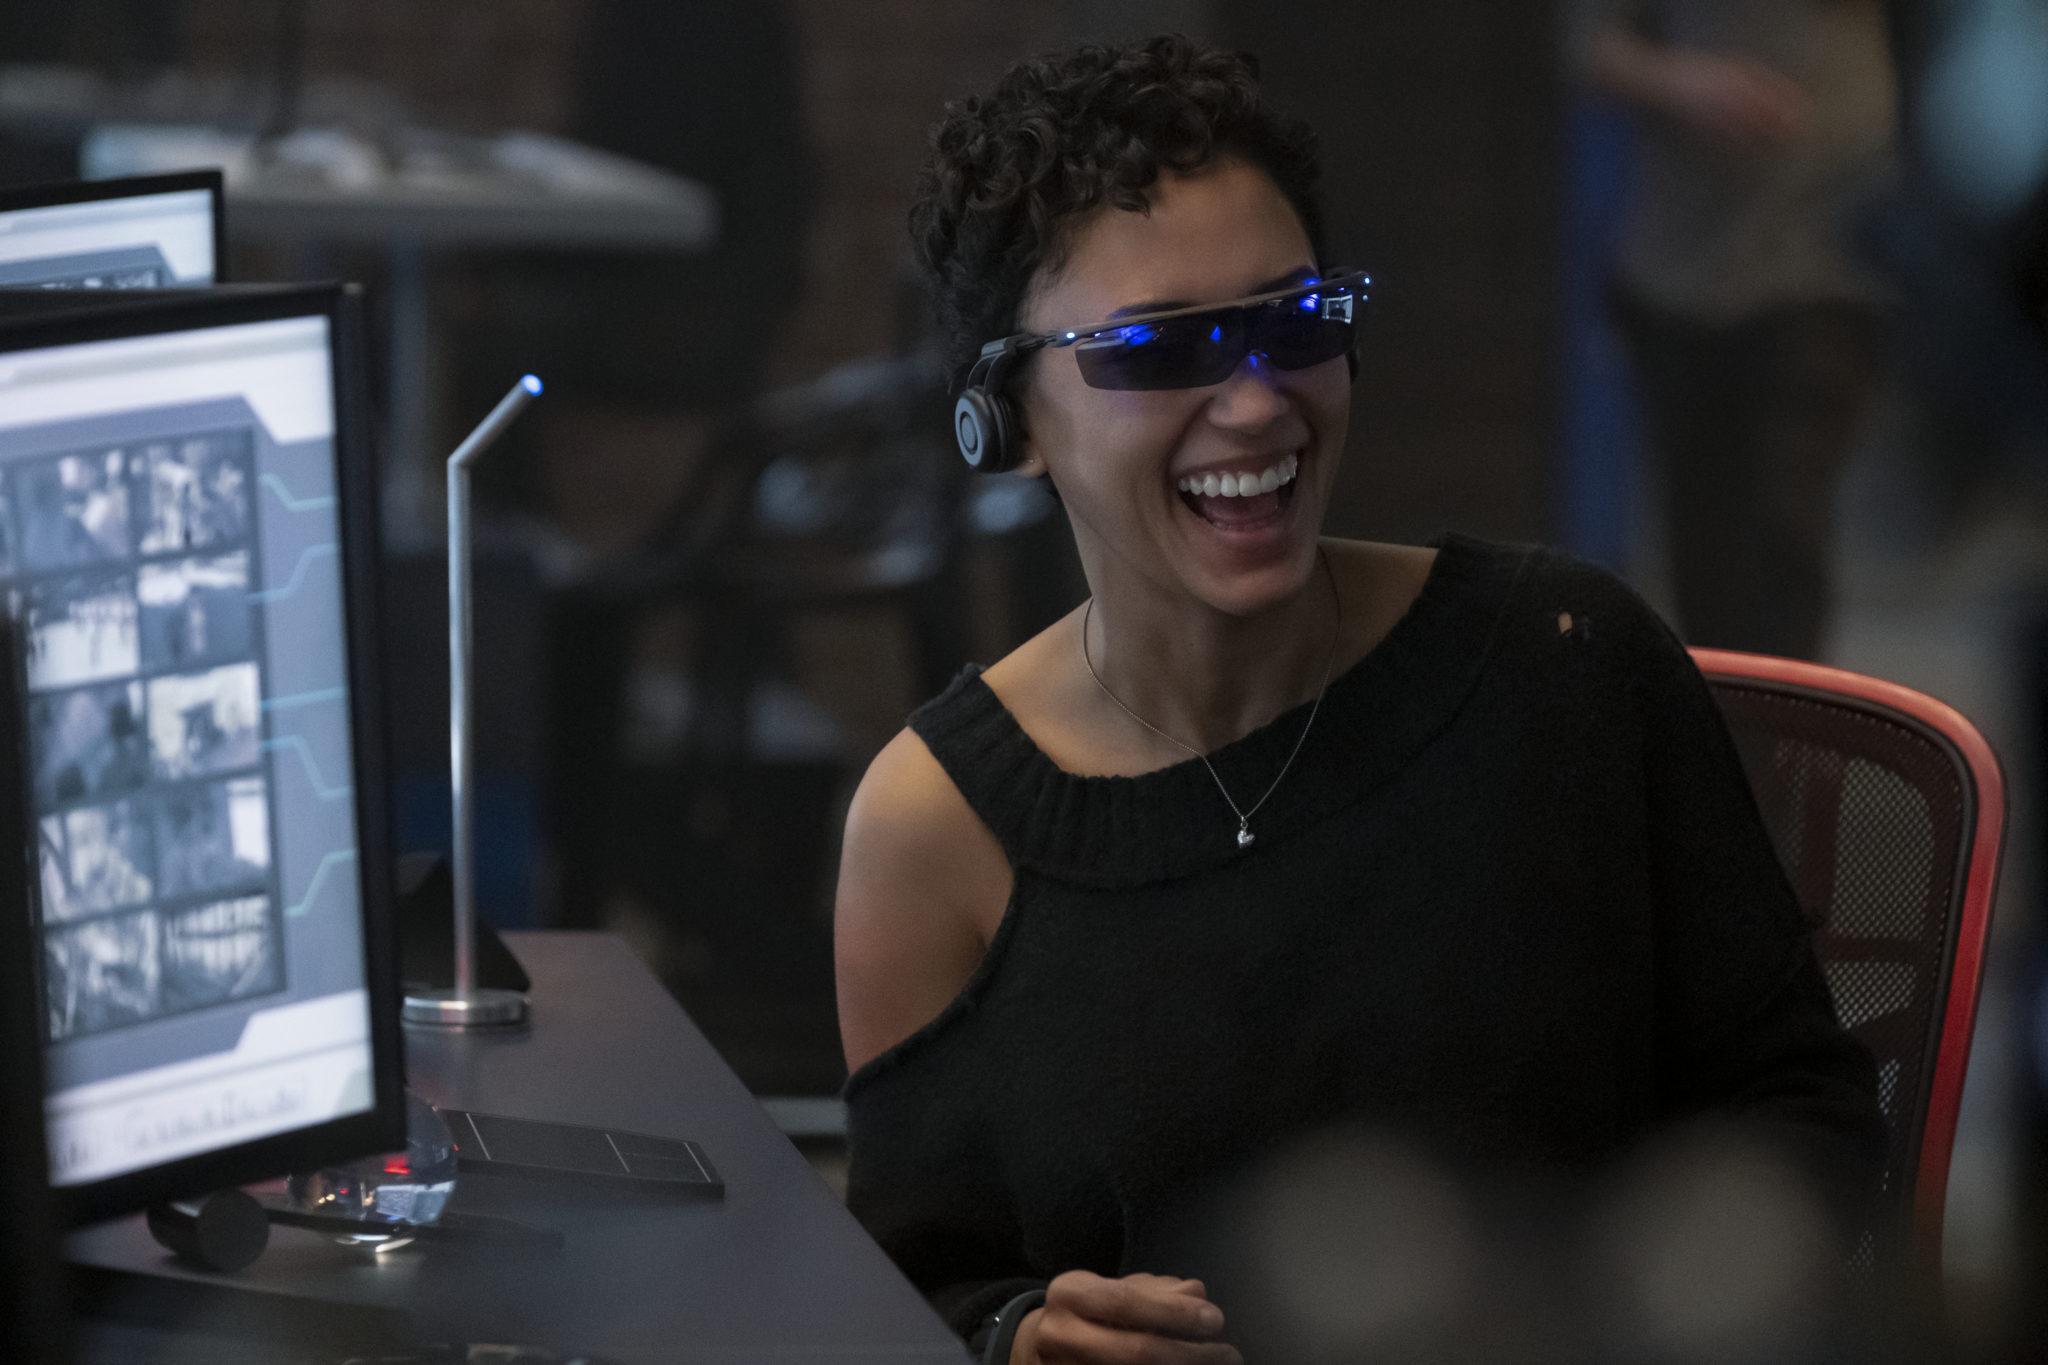 Nora hat eine VR-Brille auf und lacht, hat gerade sichtlich Spaß bei der Arbeit